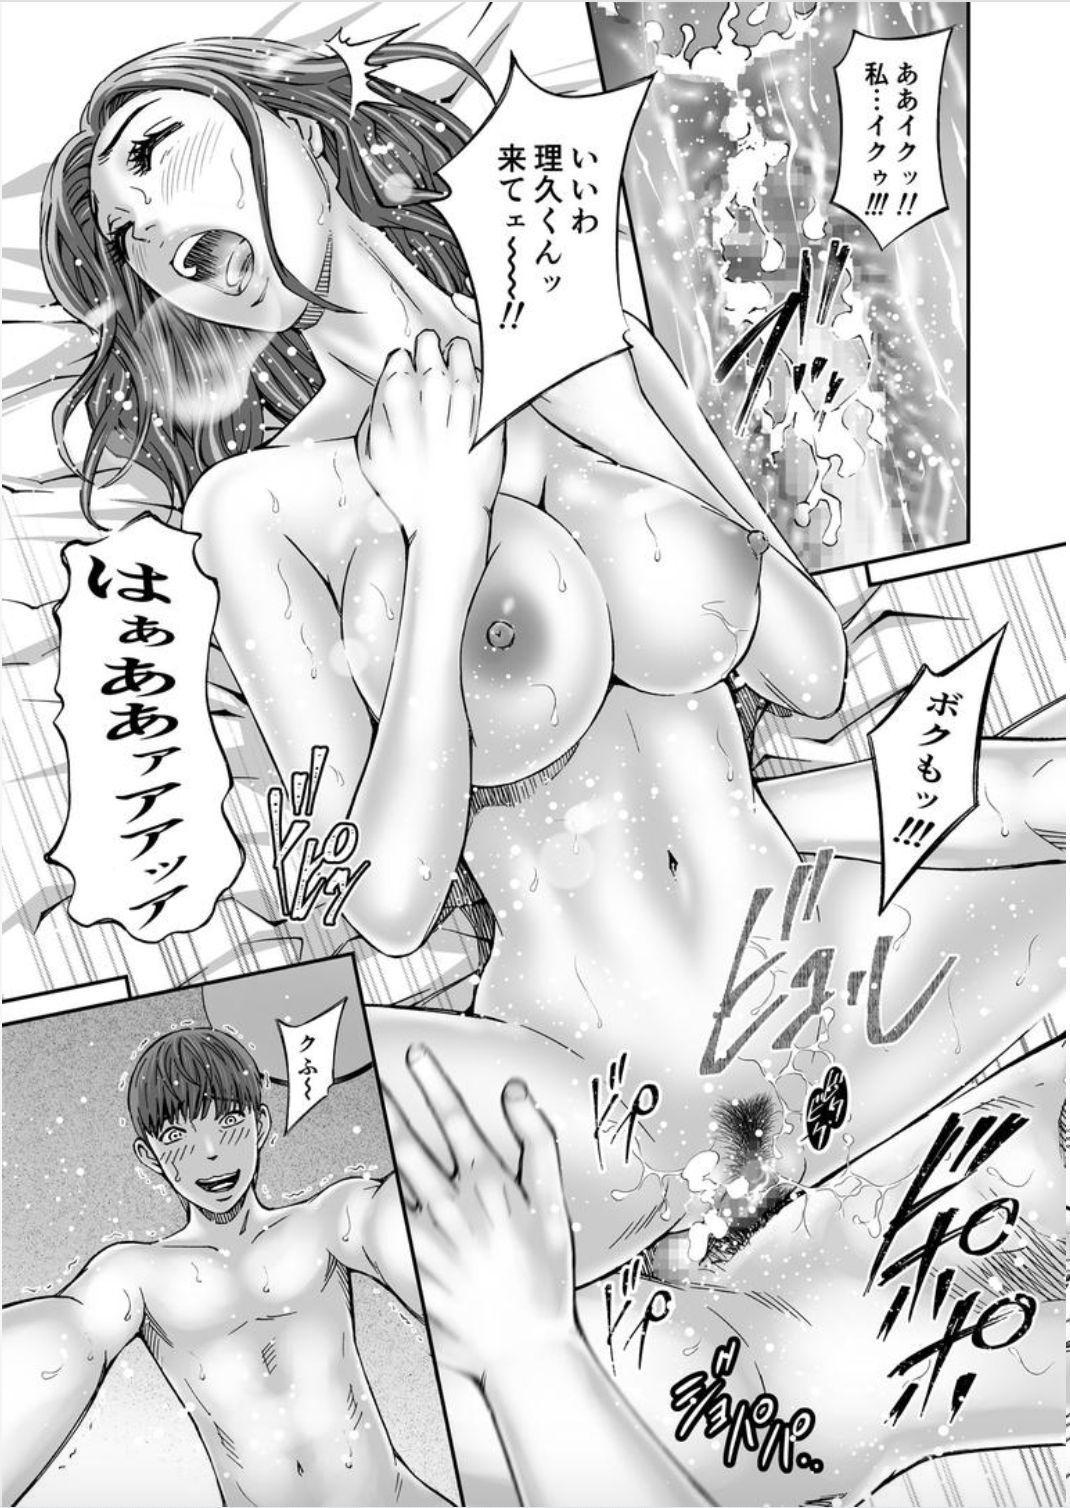 Seisyoku Dance Hitodzuma no chitsueki ni mamirete 1-2 64